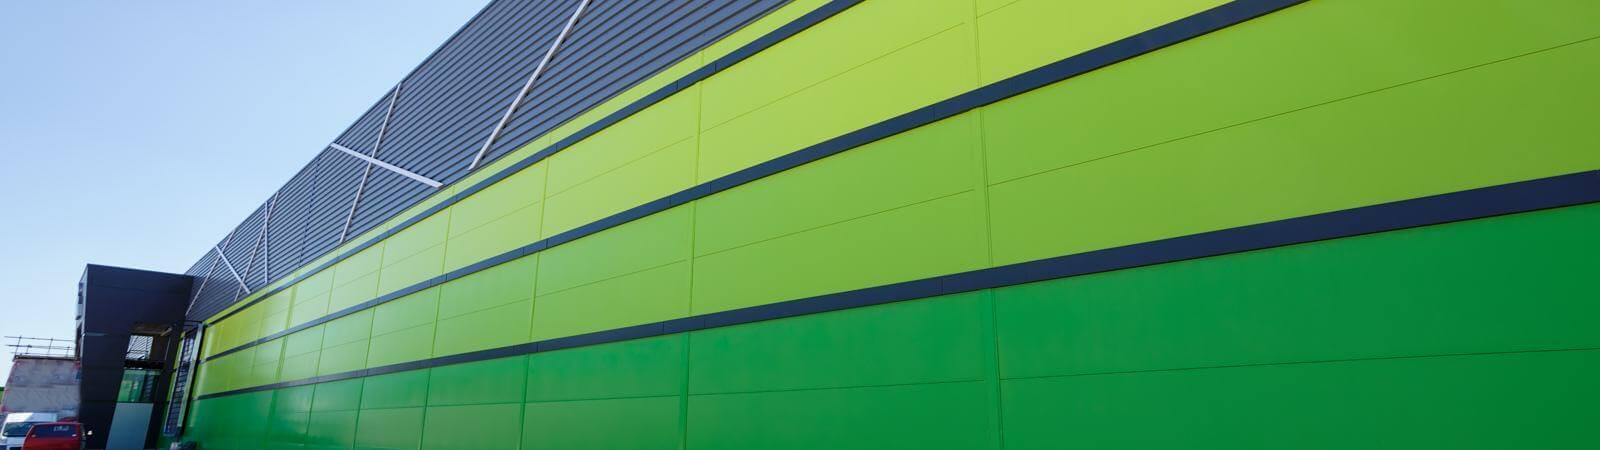 kolorowa fasada z płyt warstwowych